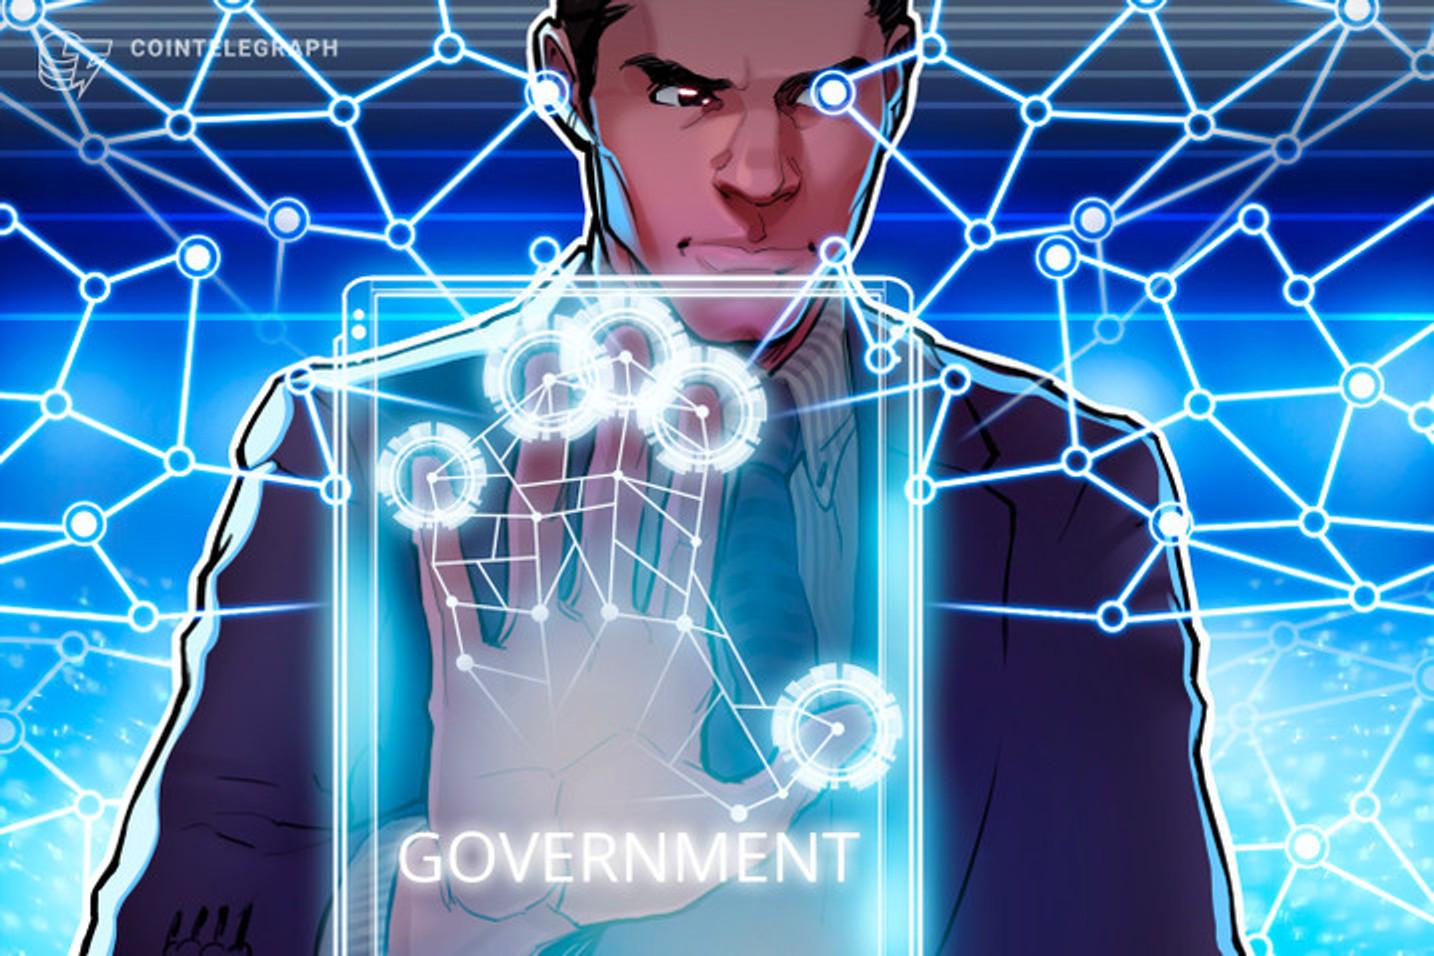 México: Frente al Covid-19, desde Domitai destacan virtudes de la tecnología blockchain para los gobiernos